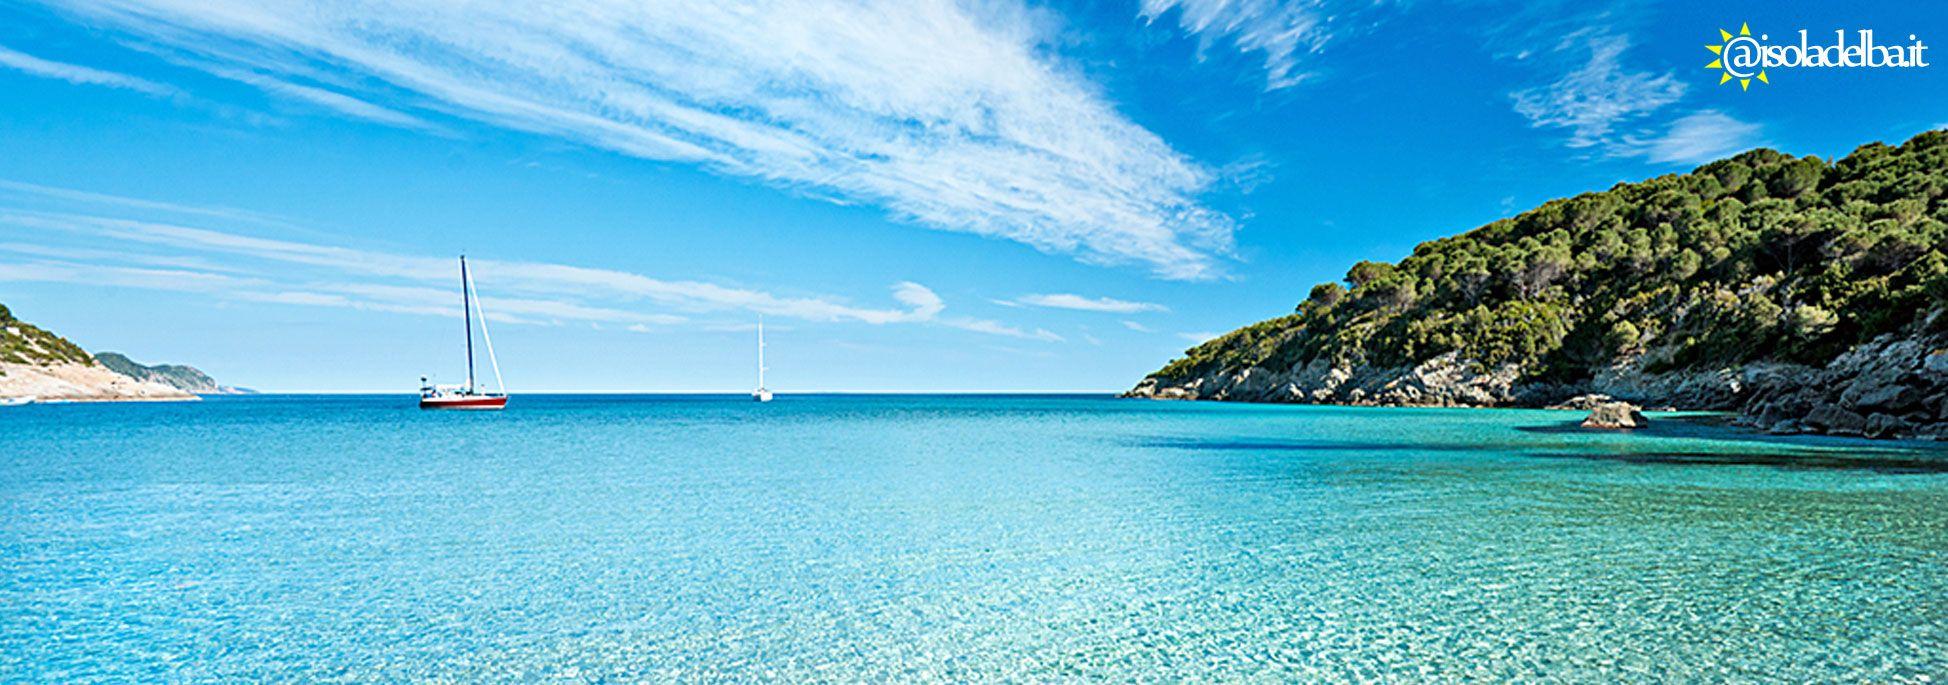 Tutte le informazioni su Isola d'Elba vacanze, hotel